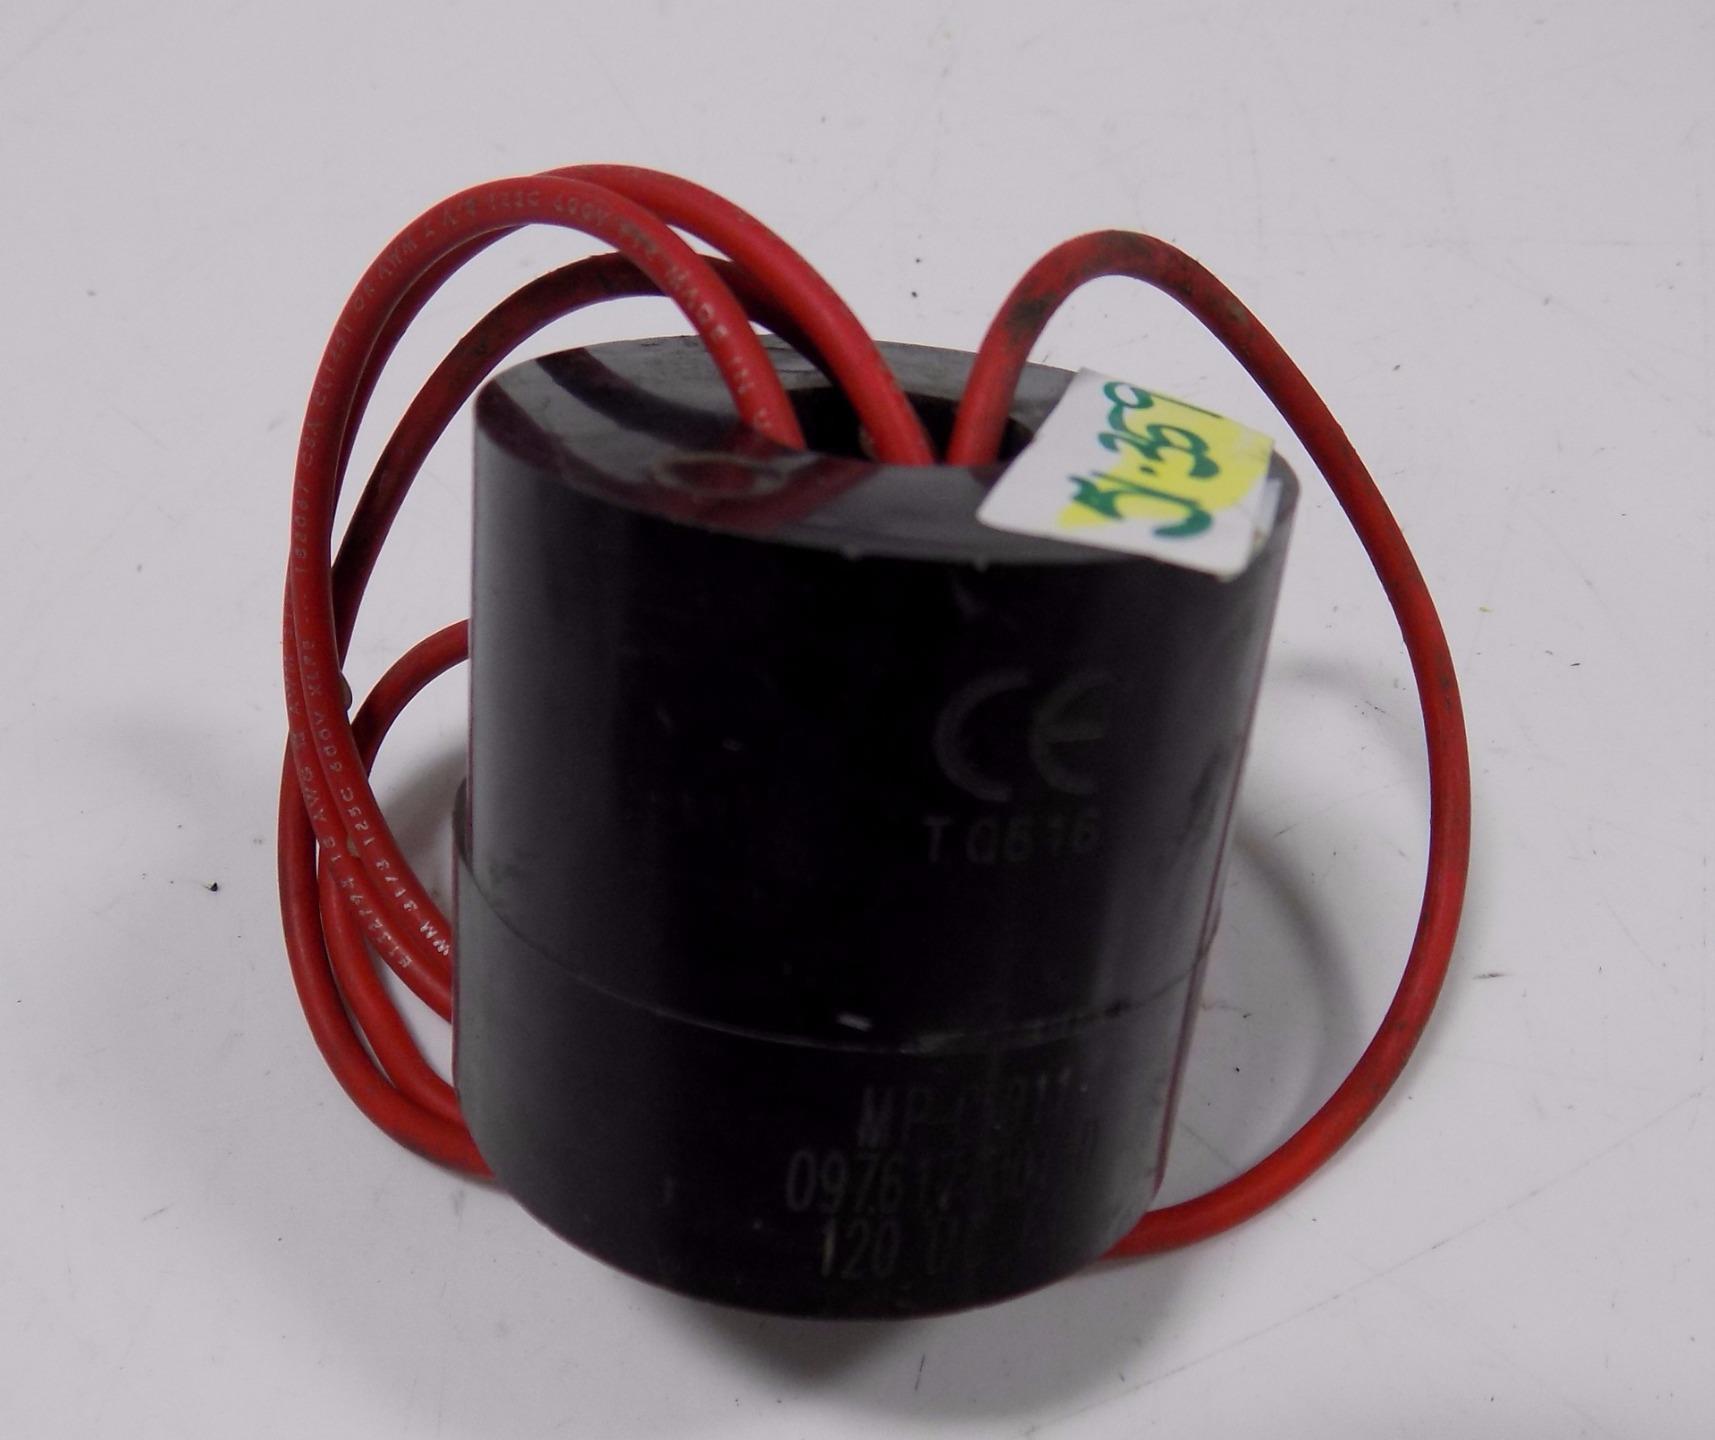 1 NEW ASCO 099257-001-D SOLENOID VALVE COIL NIB ***MAKE OFFER***